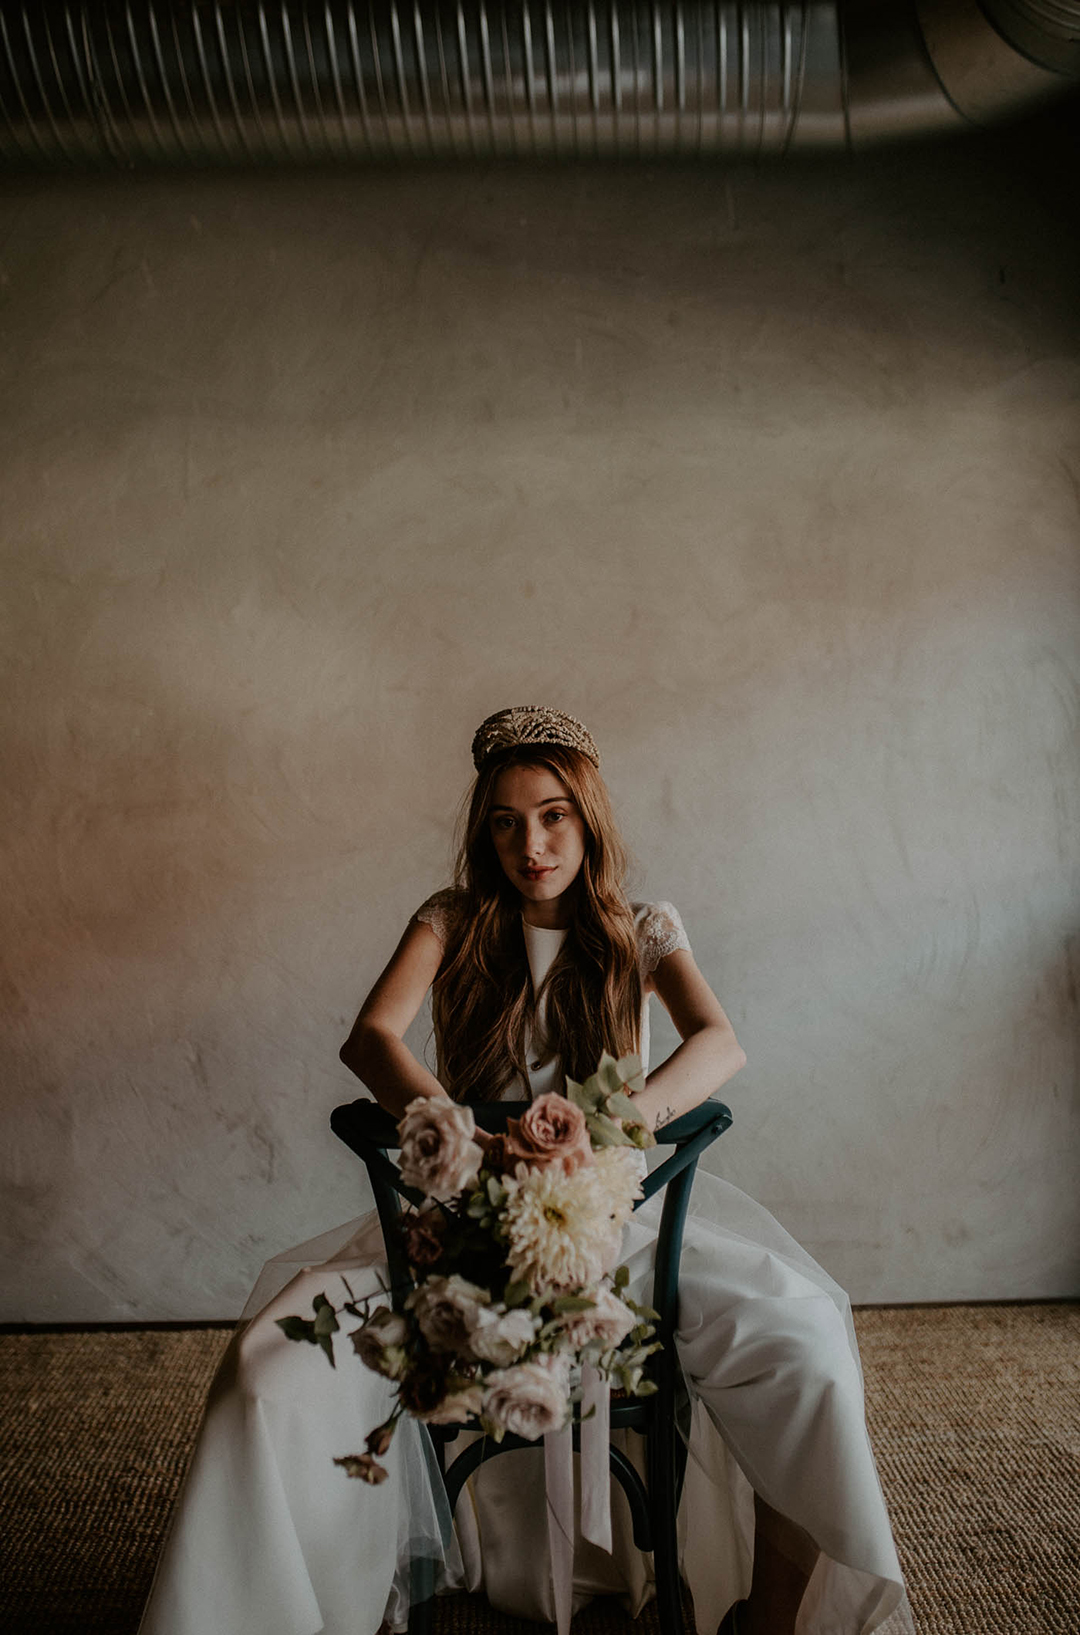 Sesión de fotos romántica y alternativa